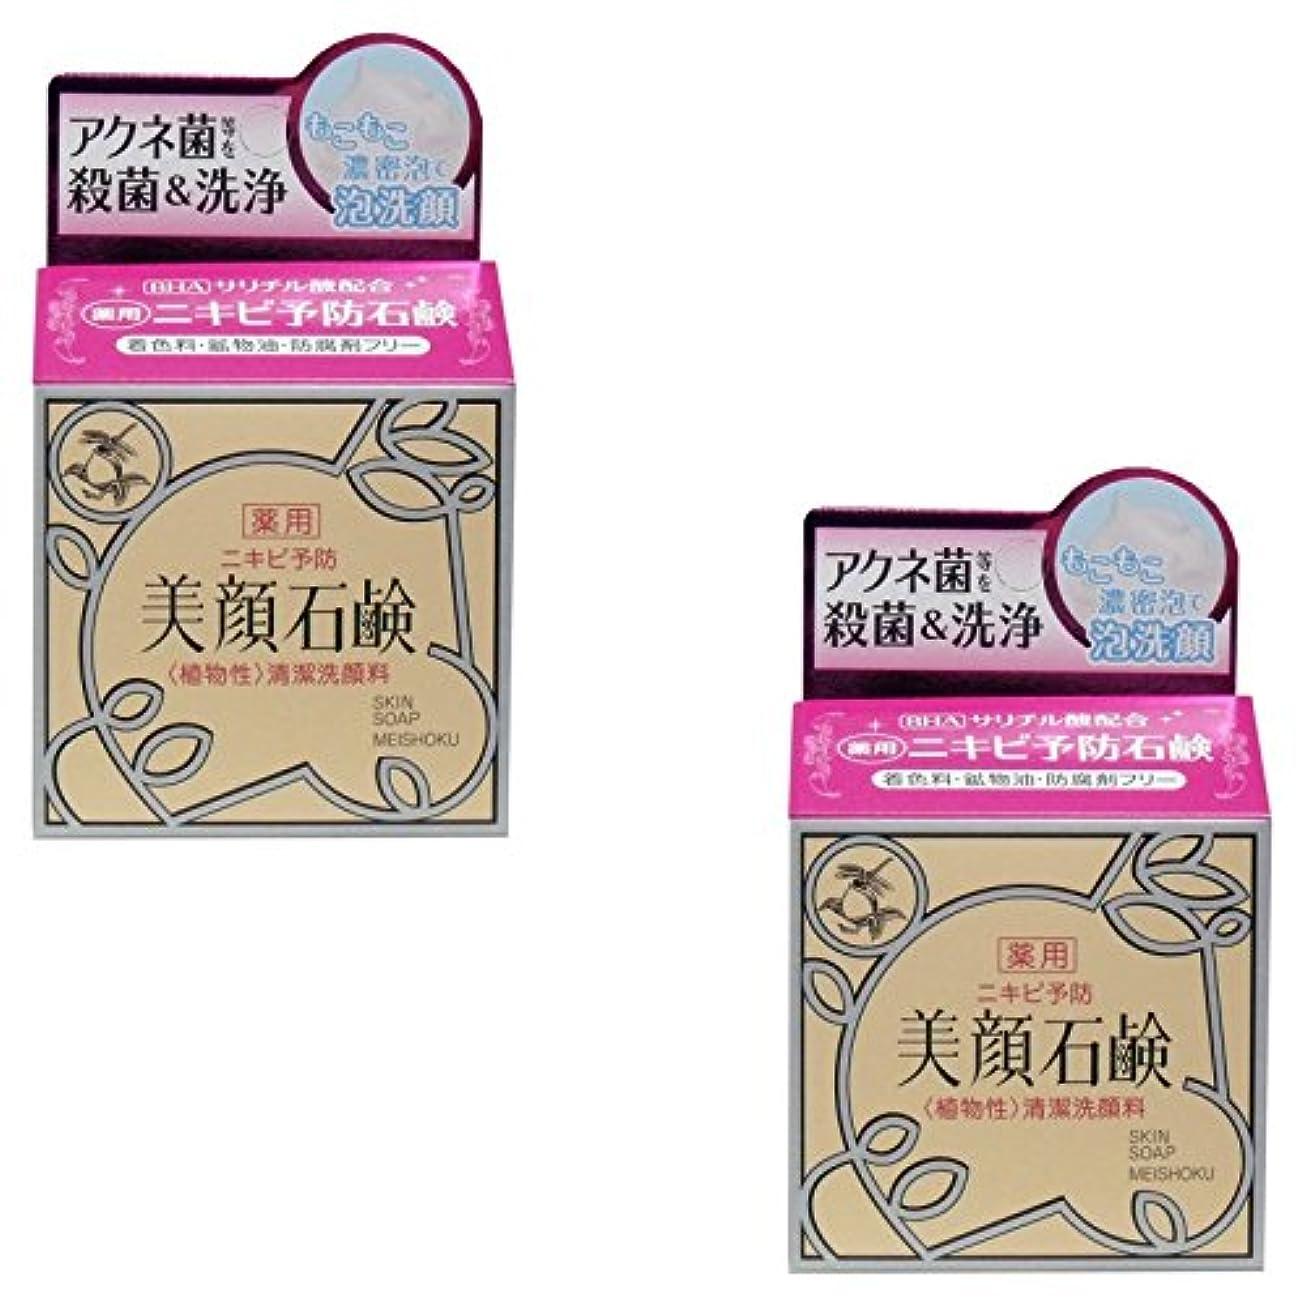 入浴ハンサム電卓【まとめ買い】明色化粧品 明色美顔薬用石鹸 80g (医薬部外品)【×2個】